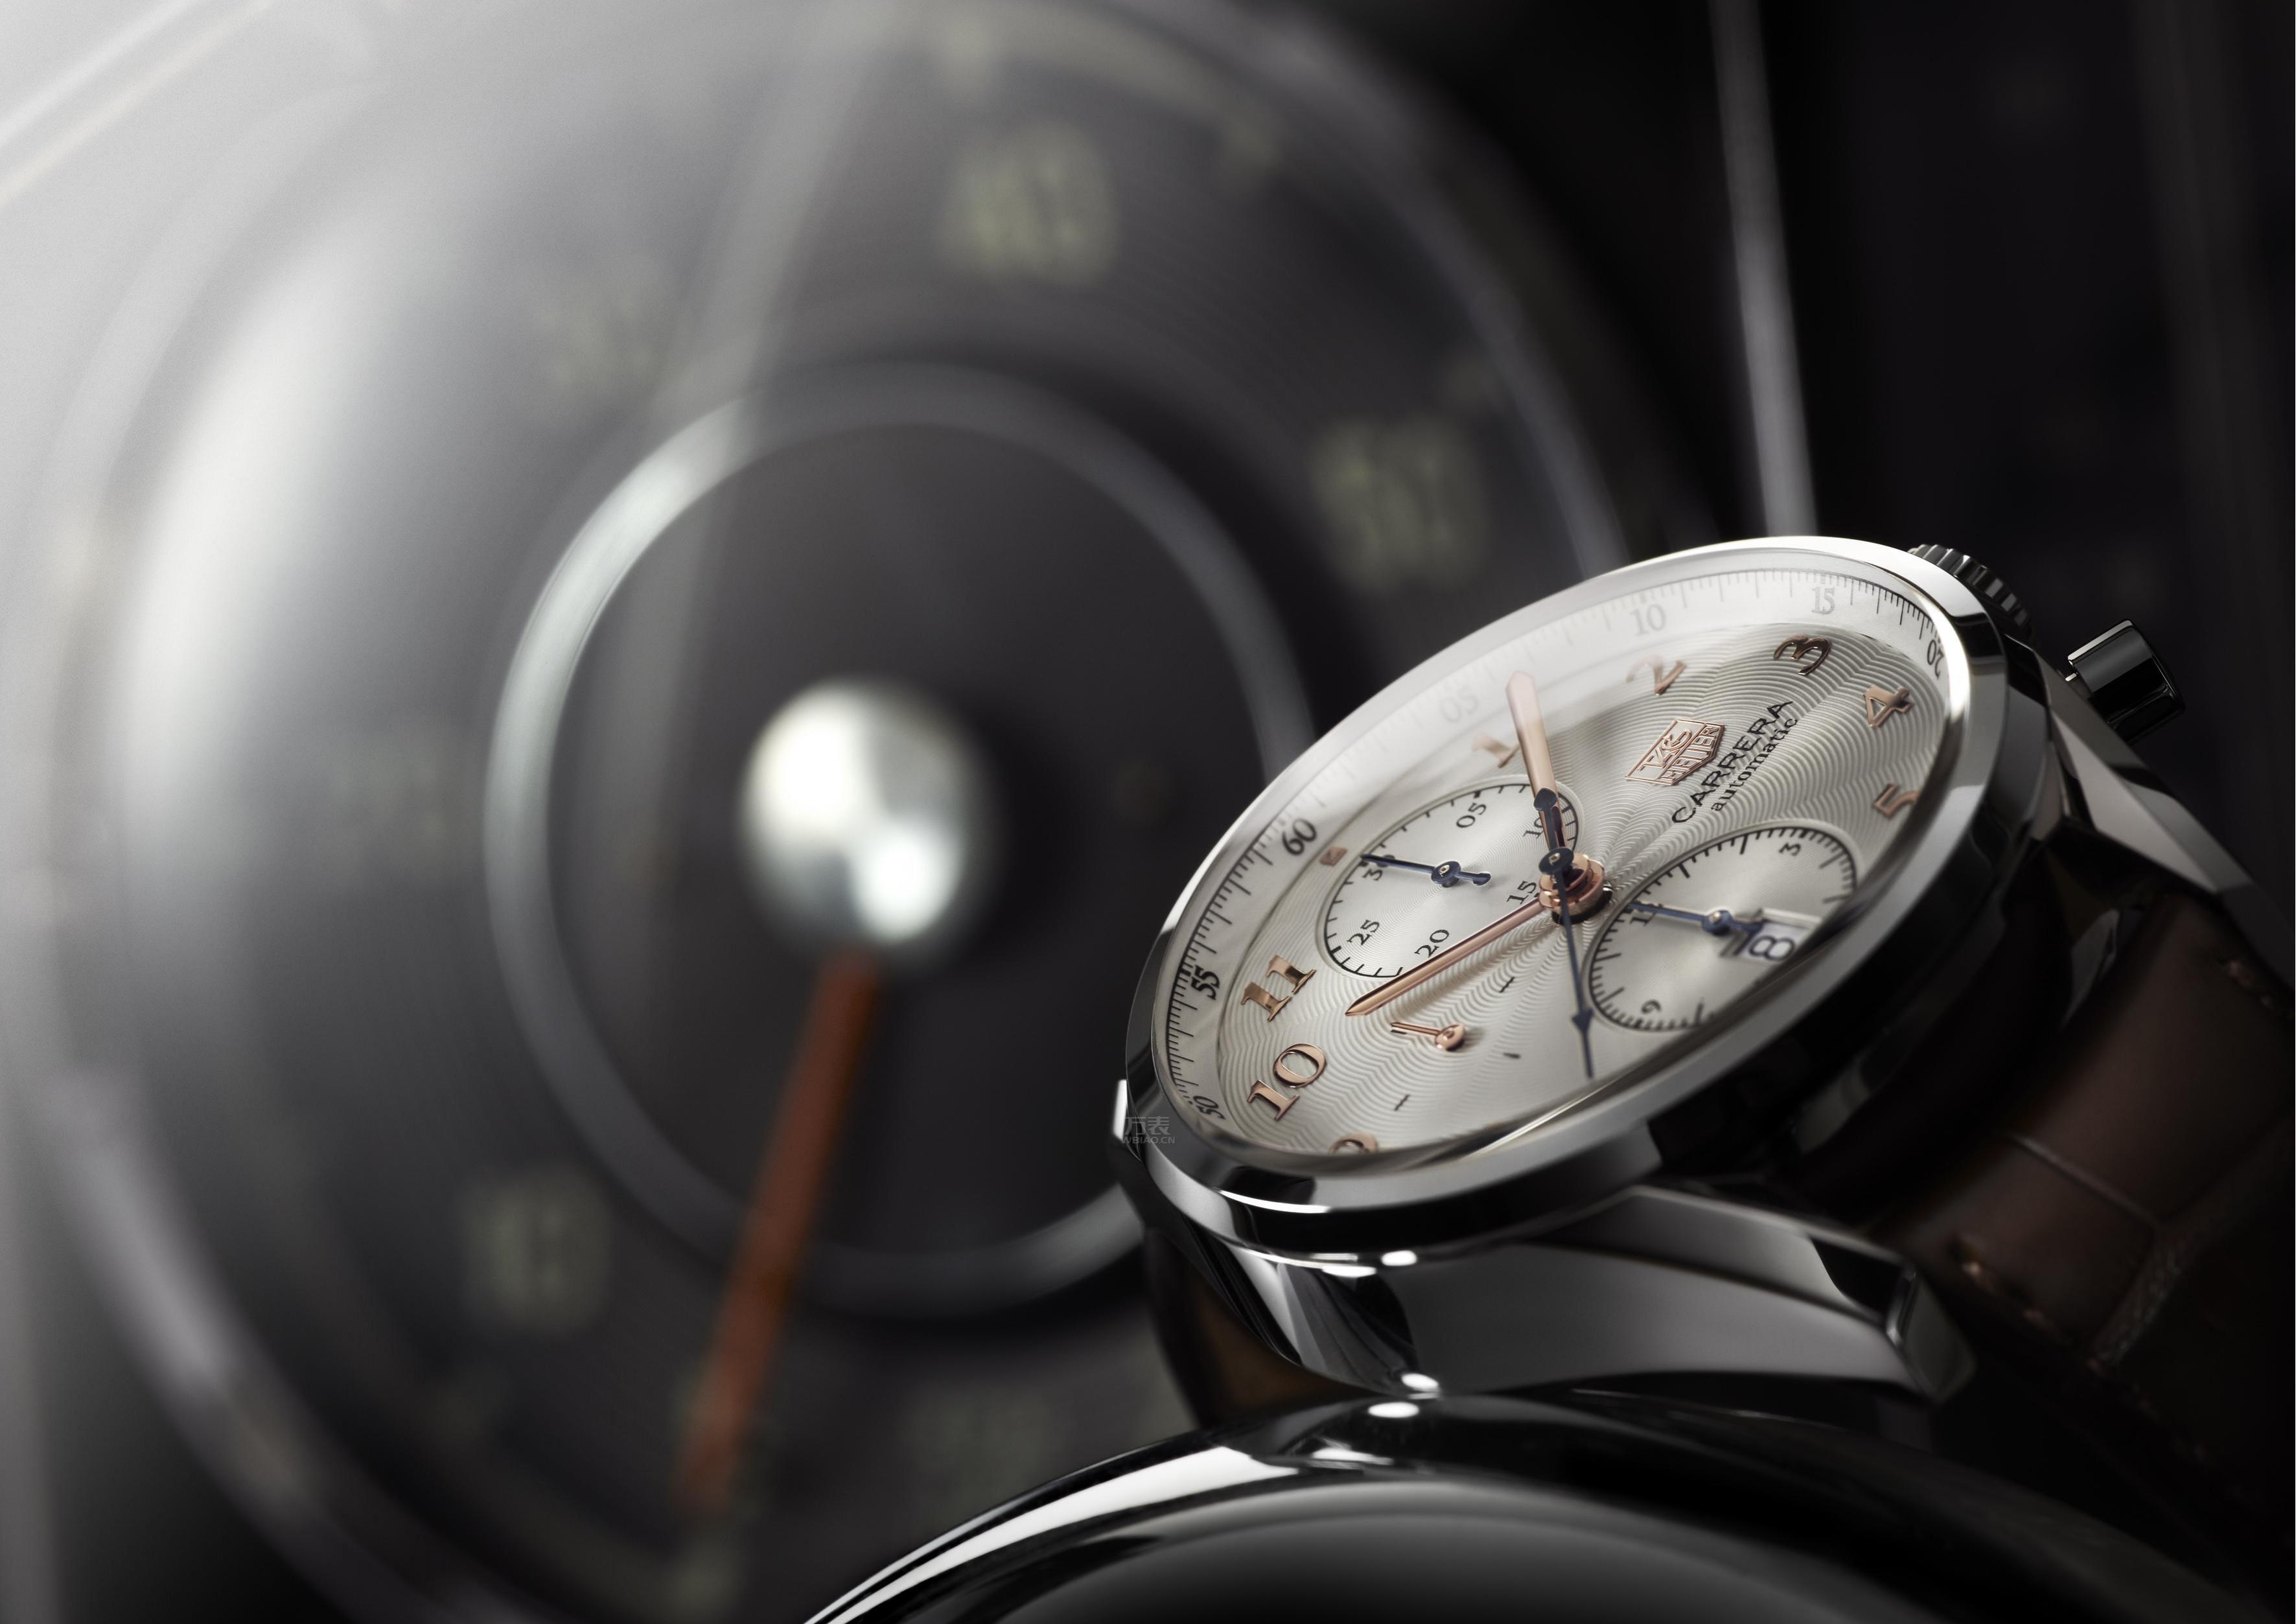 分析泰格豪雅手表排名,讲述非凡成就来源于专业工艺